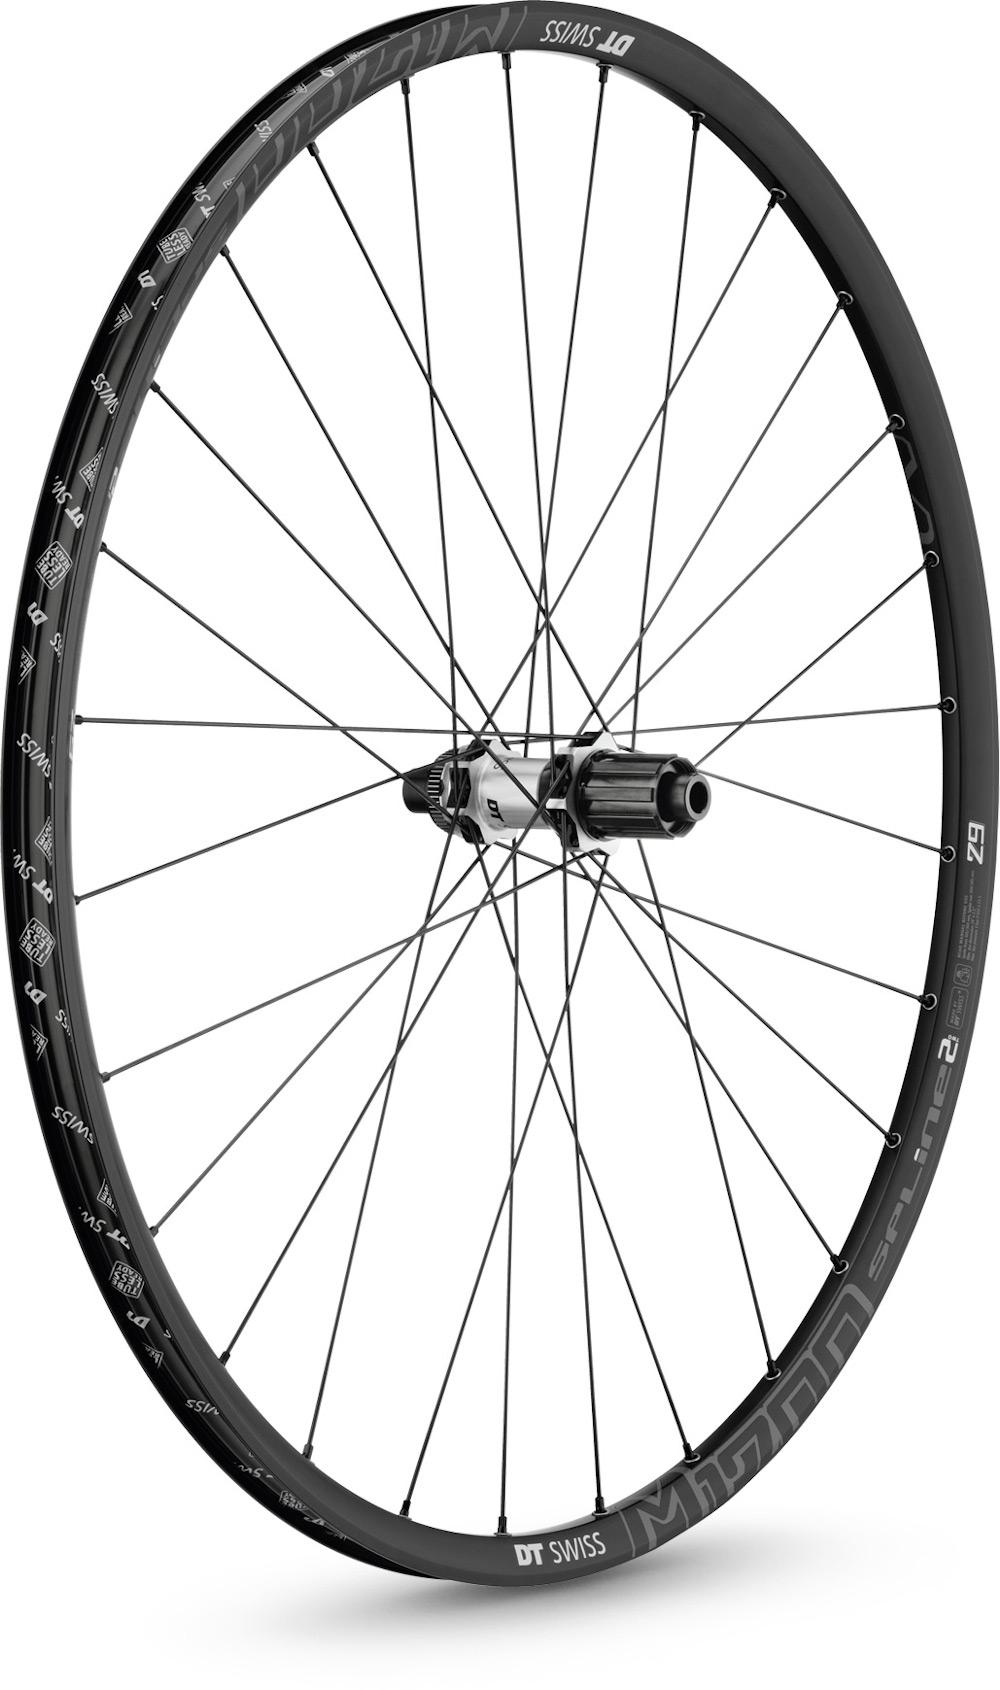 DT Swiss M1700 29in Rear Wheel Black